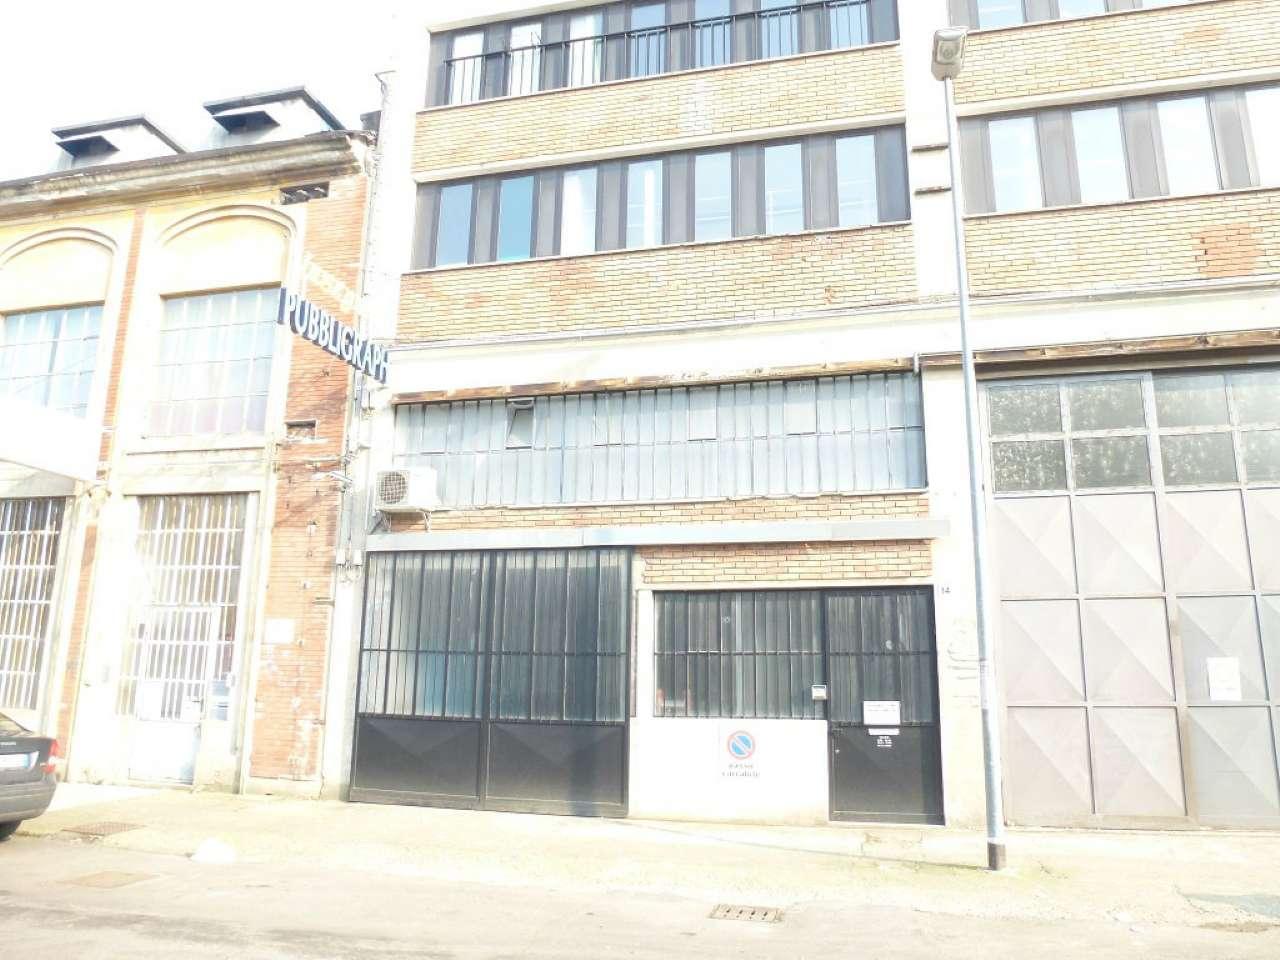 Capannone in vendita a Vercelli, 9999 locali, prezzo € 100.000 | CambioCasa.it